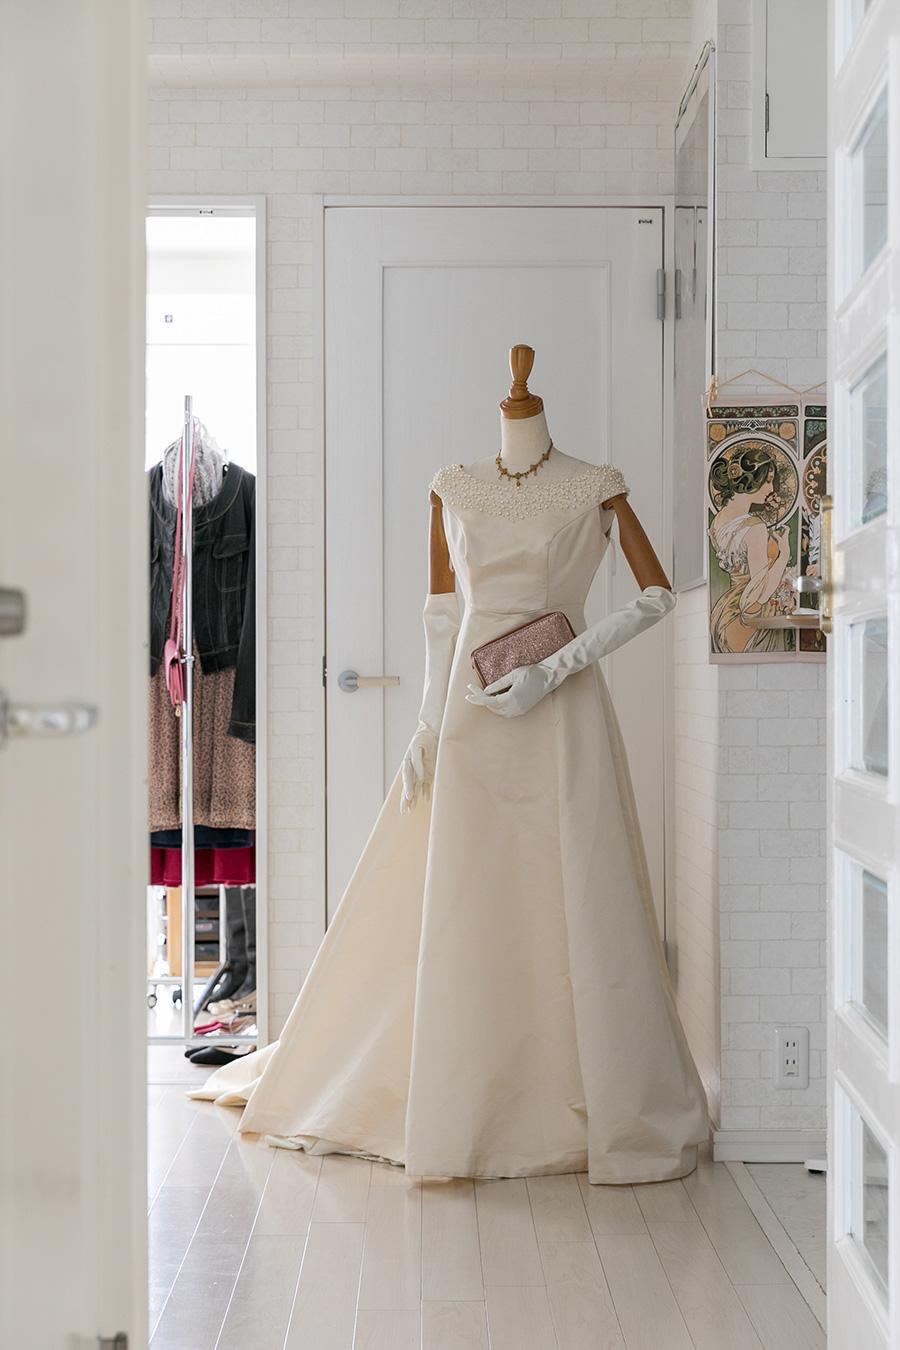 バレエの発表会で使うドレスなどで、定期的に着せ変えをする。